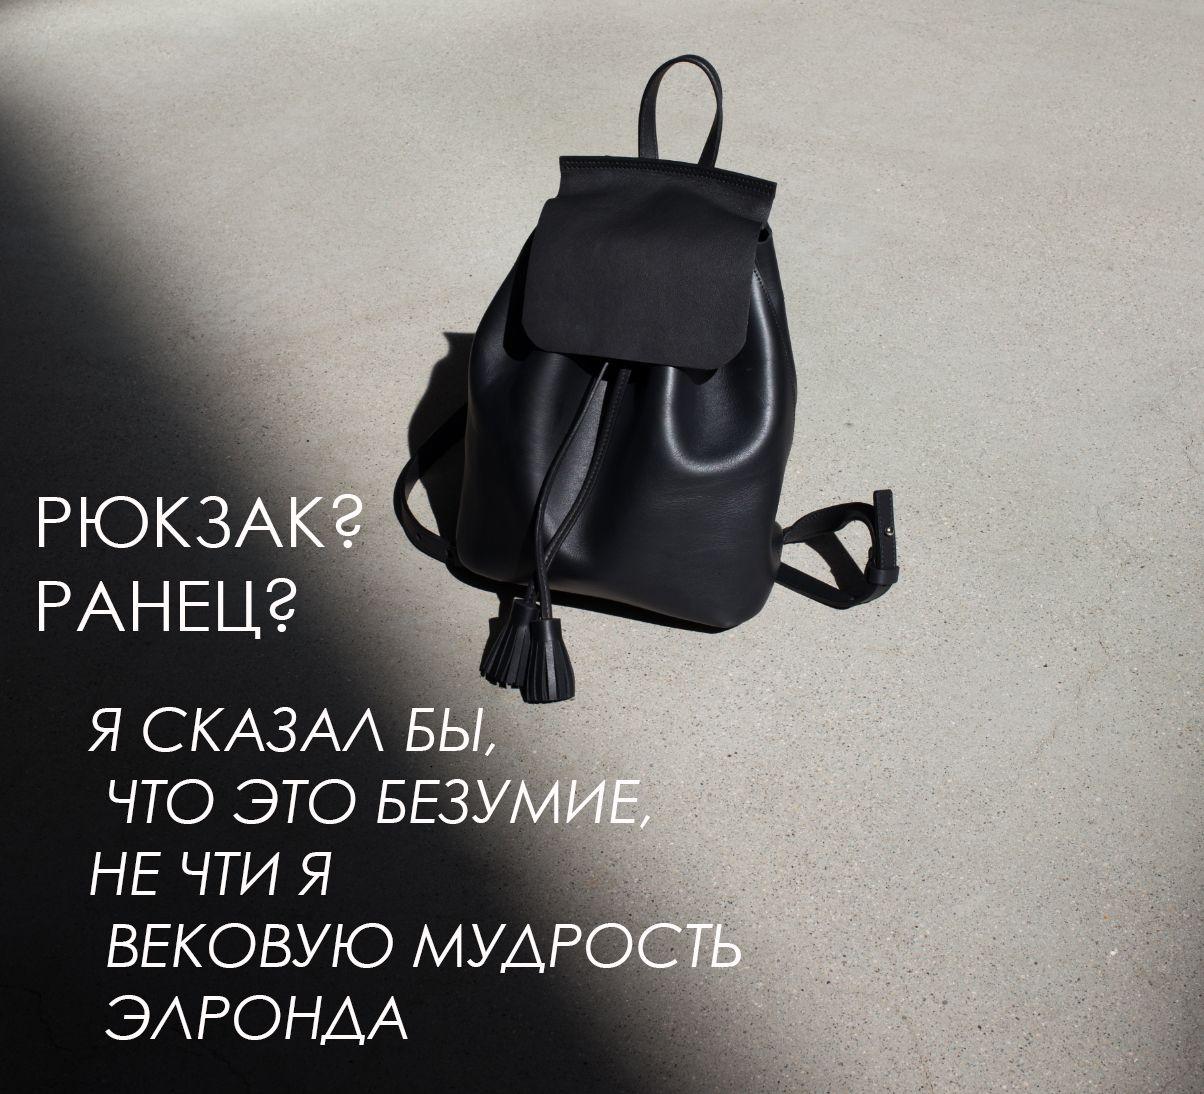 b_5c9ccbd5cc69b.jpg